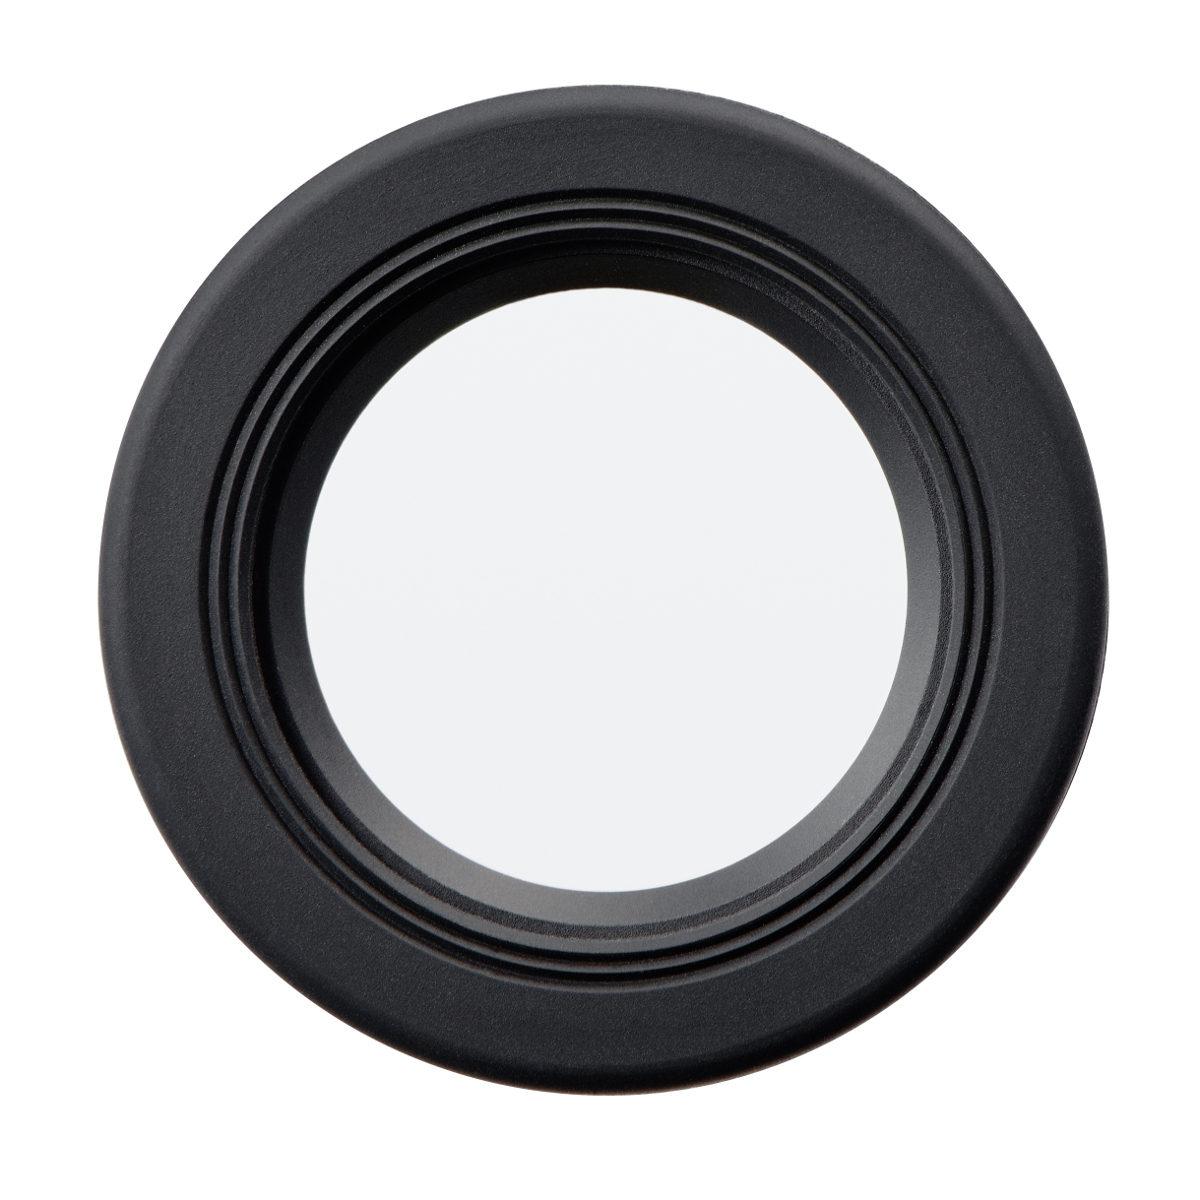 Nikon DK-17F Eye Cup